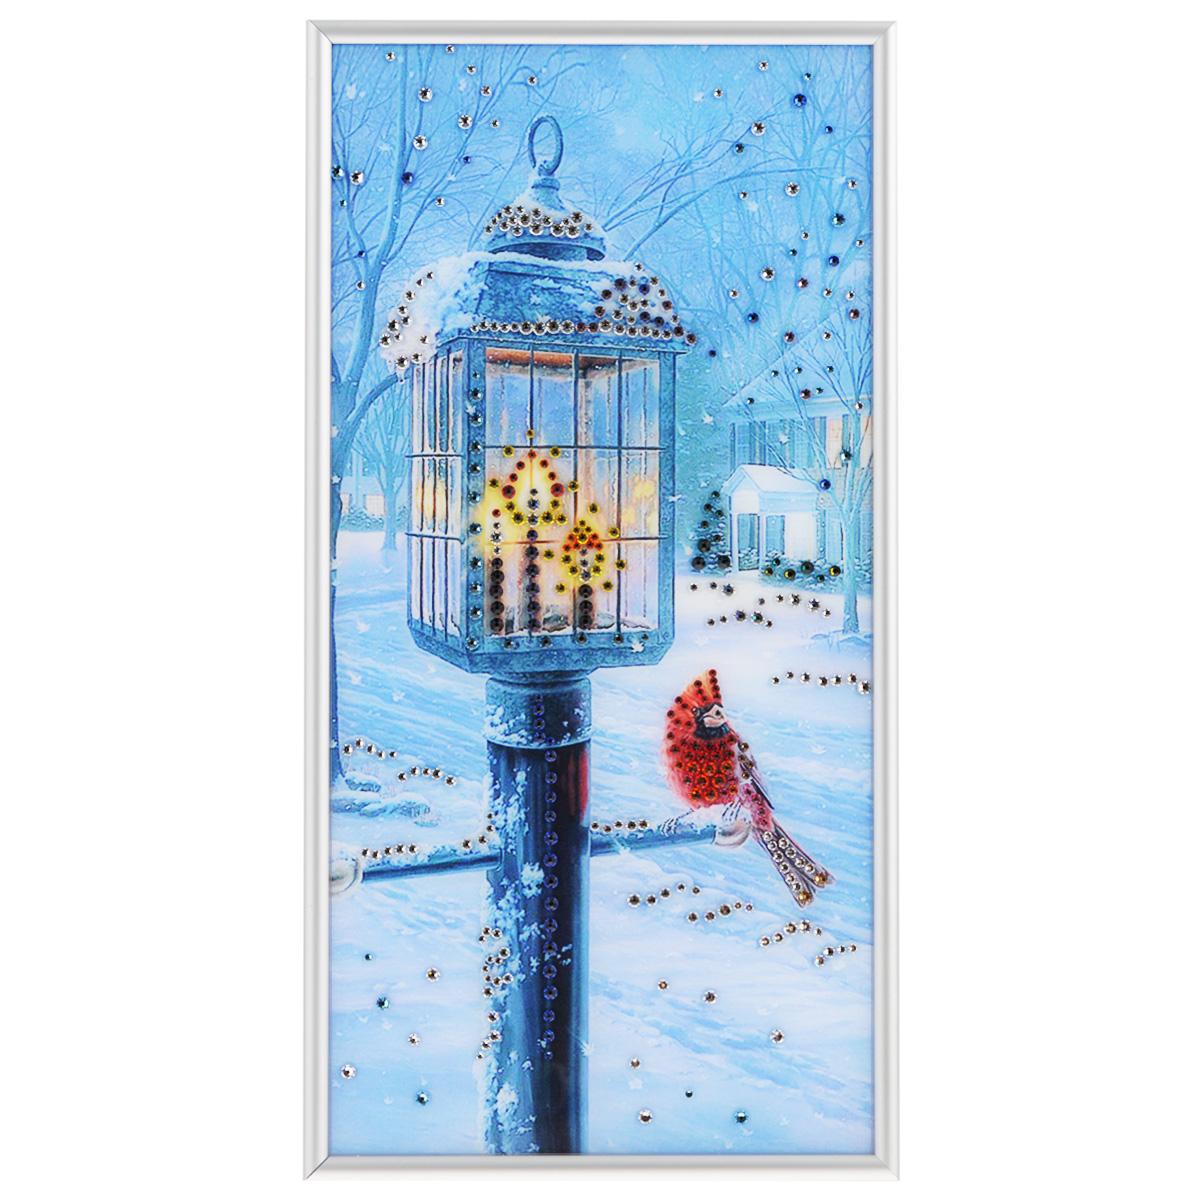 Картина с кристаллами Swarovski Рождественский вечер, 20 см х 40 см1605Изящная картина в металлической раме, инкрустирована кристаллами Swarovski, которые отличаются четкой и ровной огранкой, ярким блеском и чистотой цвета. Красочное изображение уличного фонаря и птички, расположенное под стеклом, прекрасно дополняет блеск кристаллов. С обратной стороны имеется металлическая петелька для размещения картины на стене. Картина с кристаллами Swarovski Рождественский вечер элегантно украсит интерьер дома или офиса, а также станет прекрасным подарком, который обязательно понравится получателю. Блеск кристаллов в интерьере, что может быть сказочнее и удивительнее. Картина упакована в подарочную картонную коробку синего цвета и комплектуется сертификатом соответствия Swarovski.